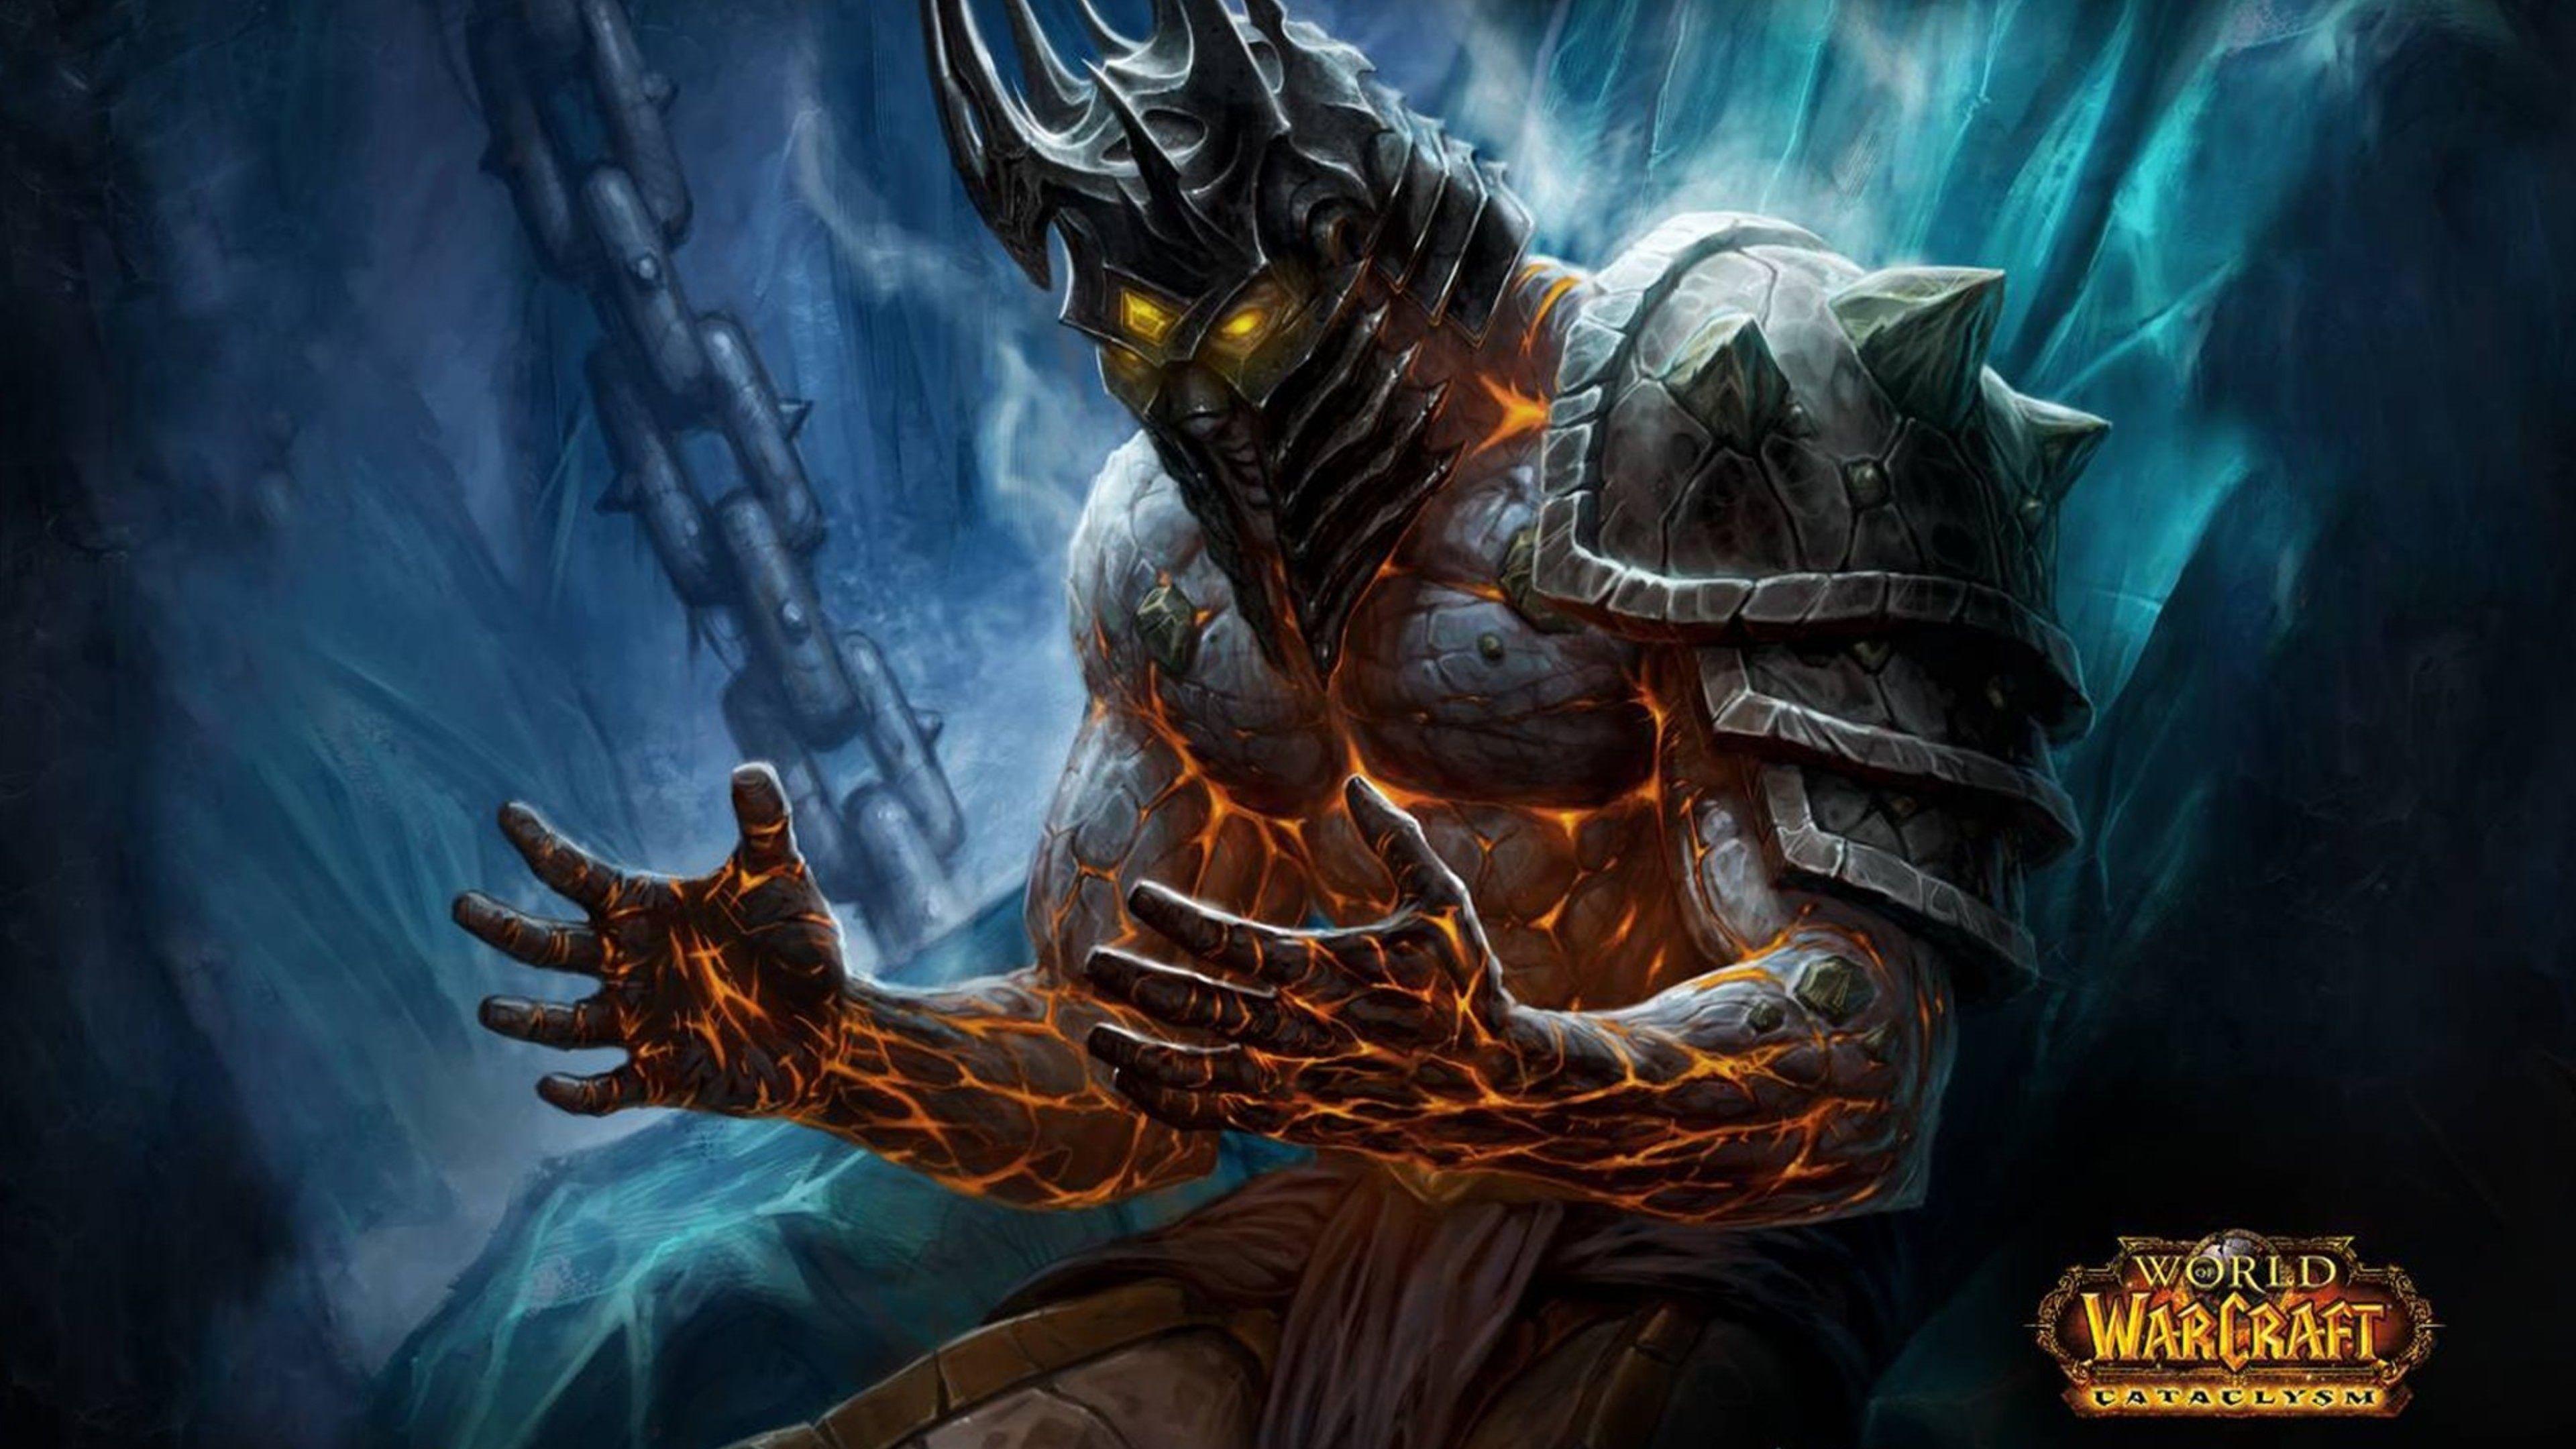 World Of Warcraft 4k Wallpaper: WoW Legion 4K Wallpapers